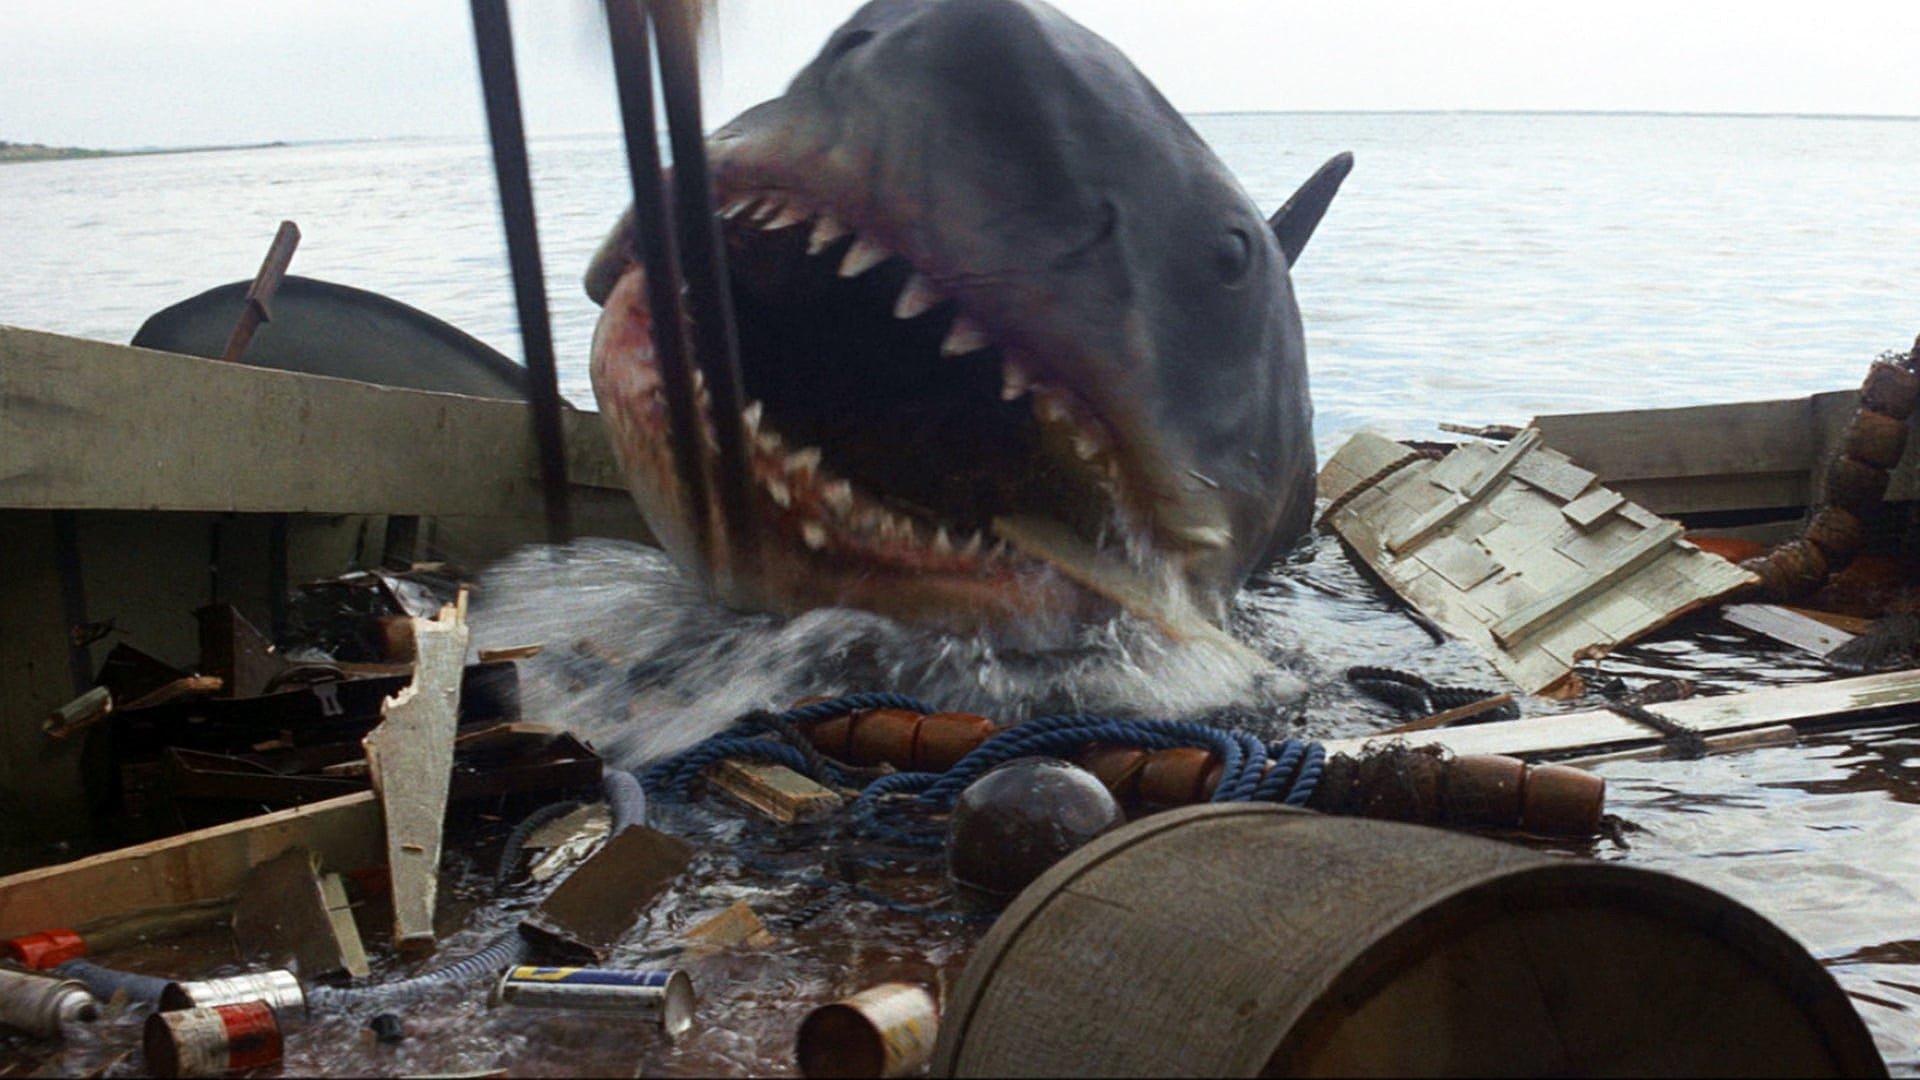 менее, кино про акул картинки проведение праздников, концертных